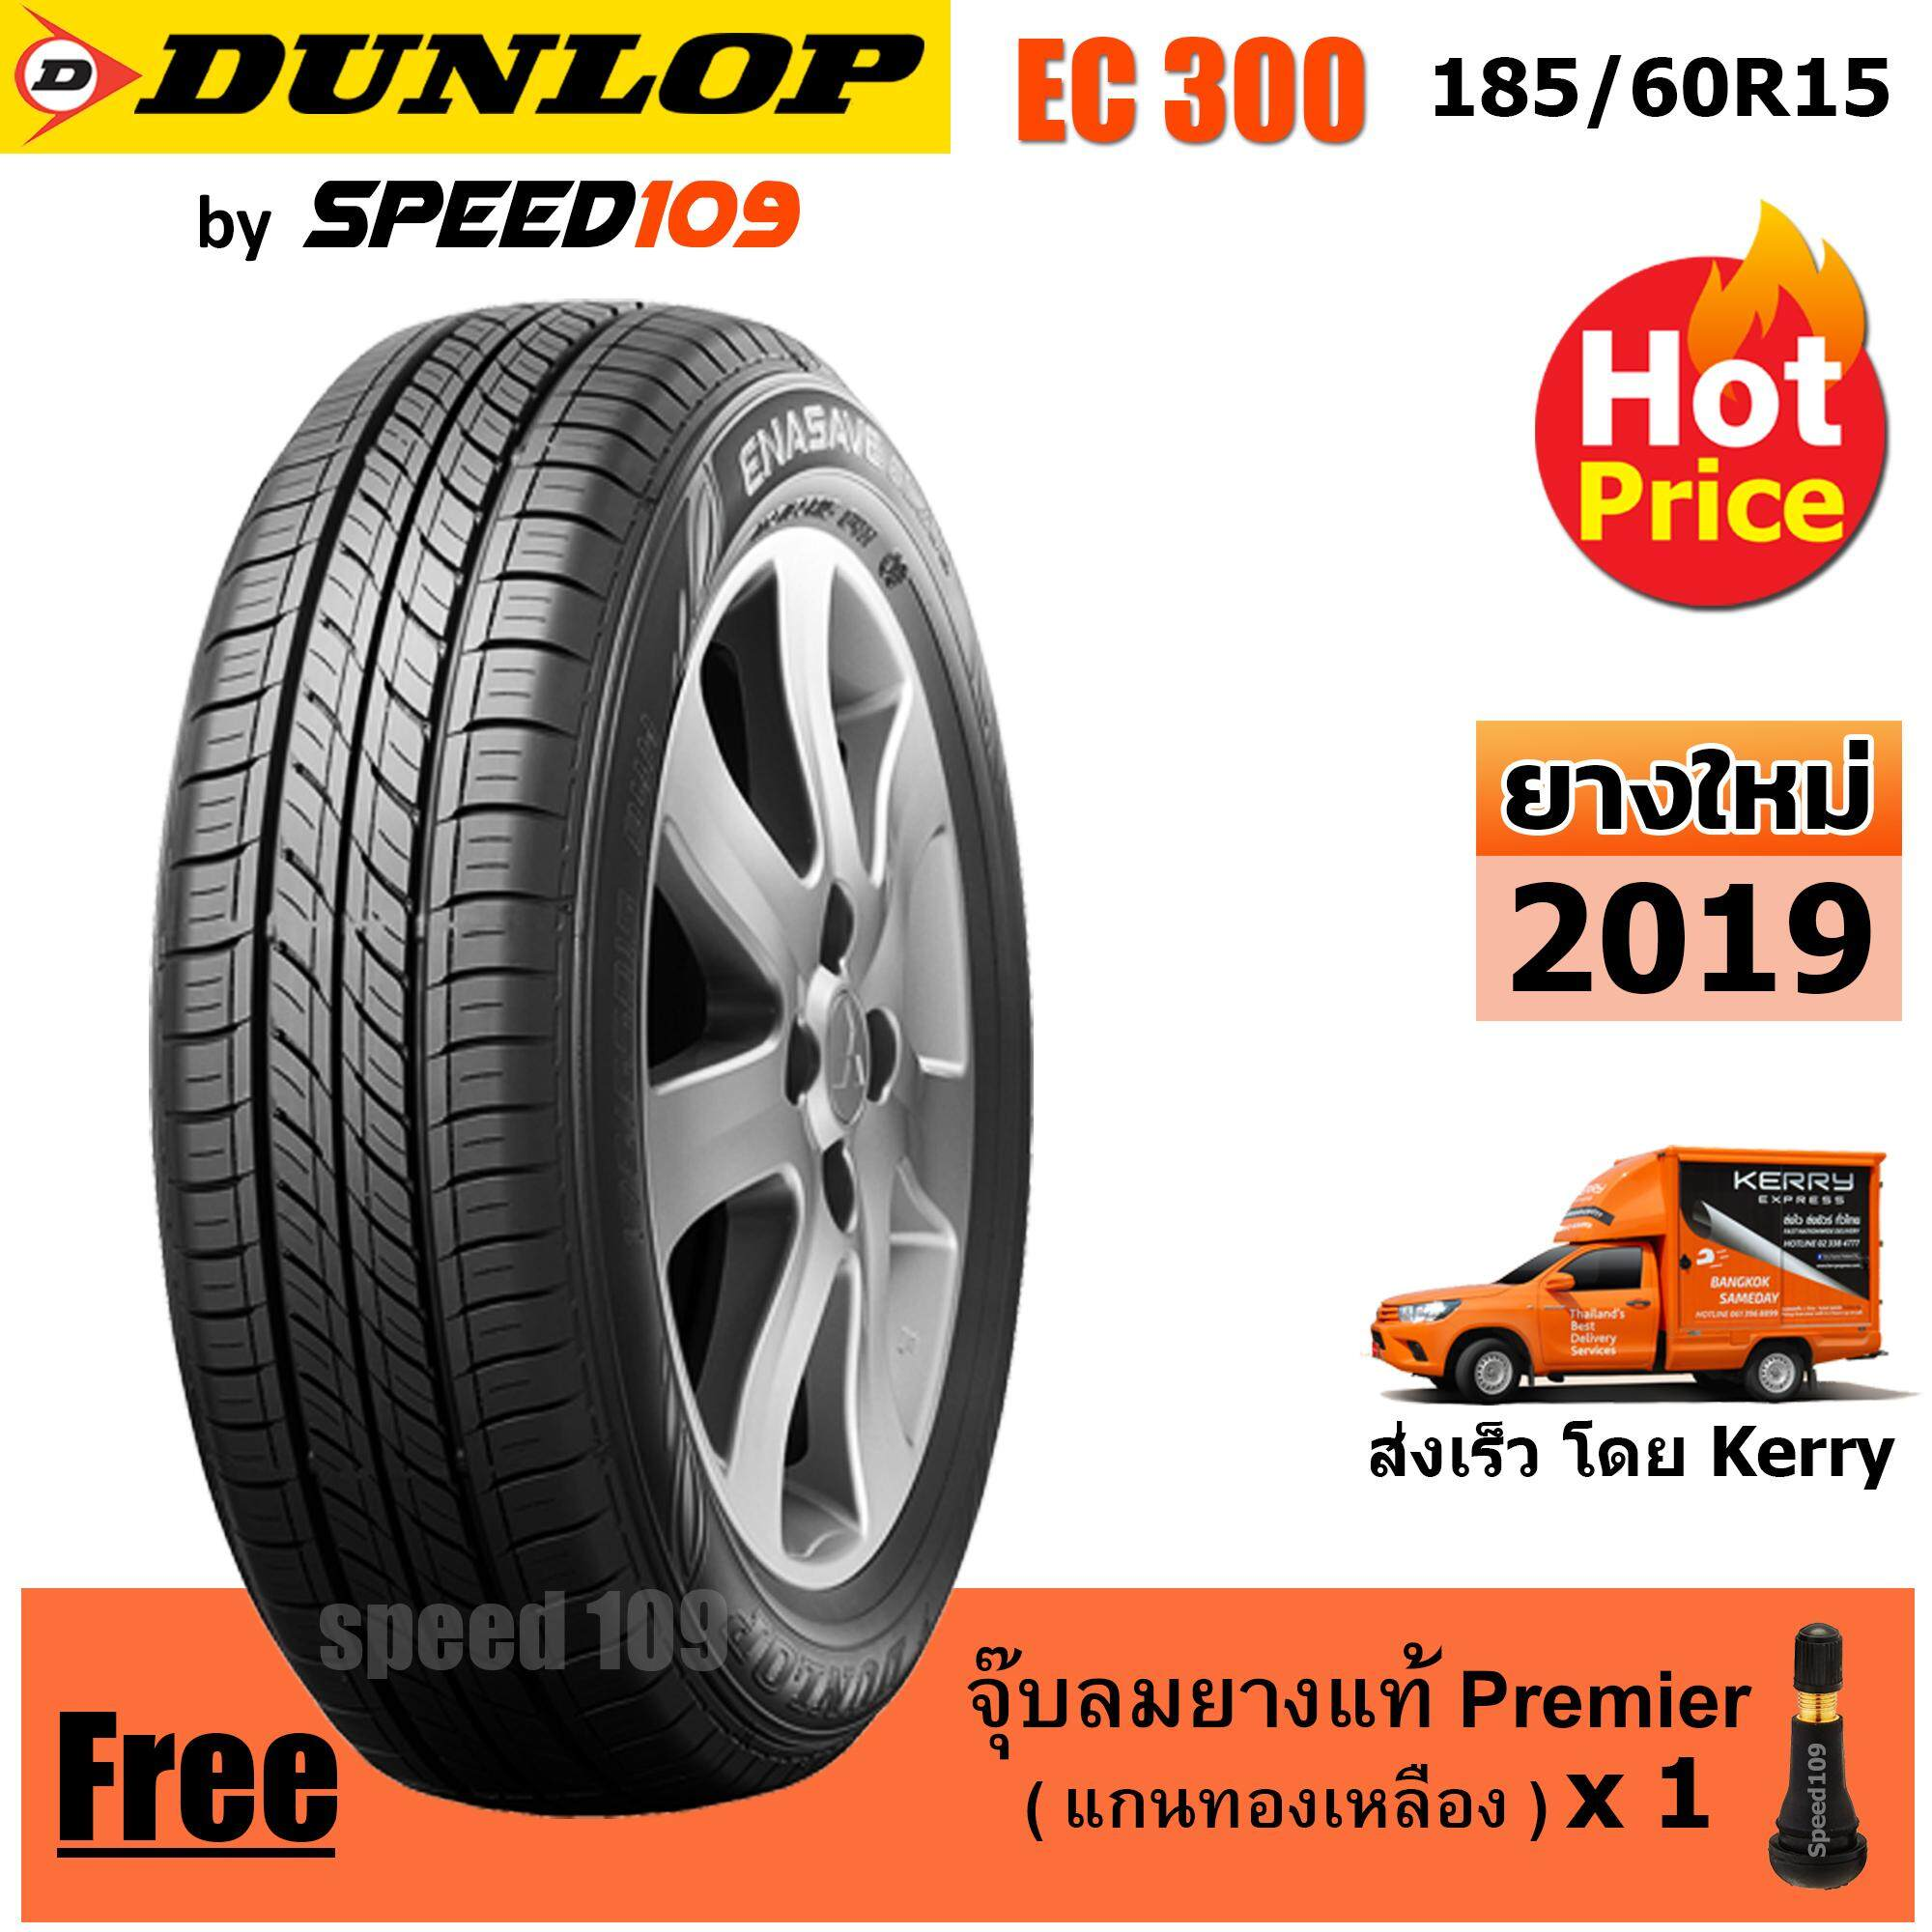 เพชรบูรณ์ DUNLOP ยางรถยนต์ ขอบ 15 ขนาด 185/60R15 รุ่น EC300 - 1 เส้น (ปี 2019)